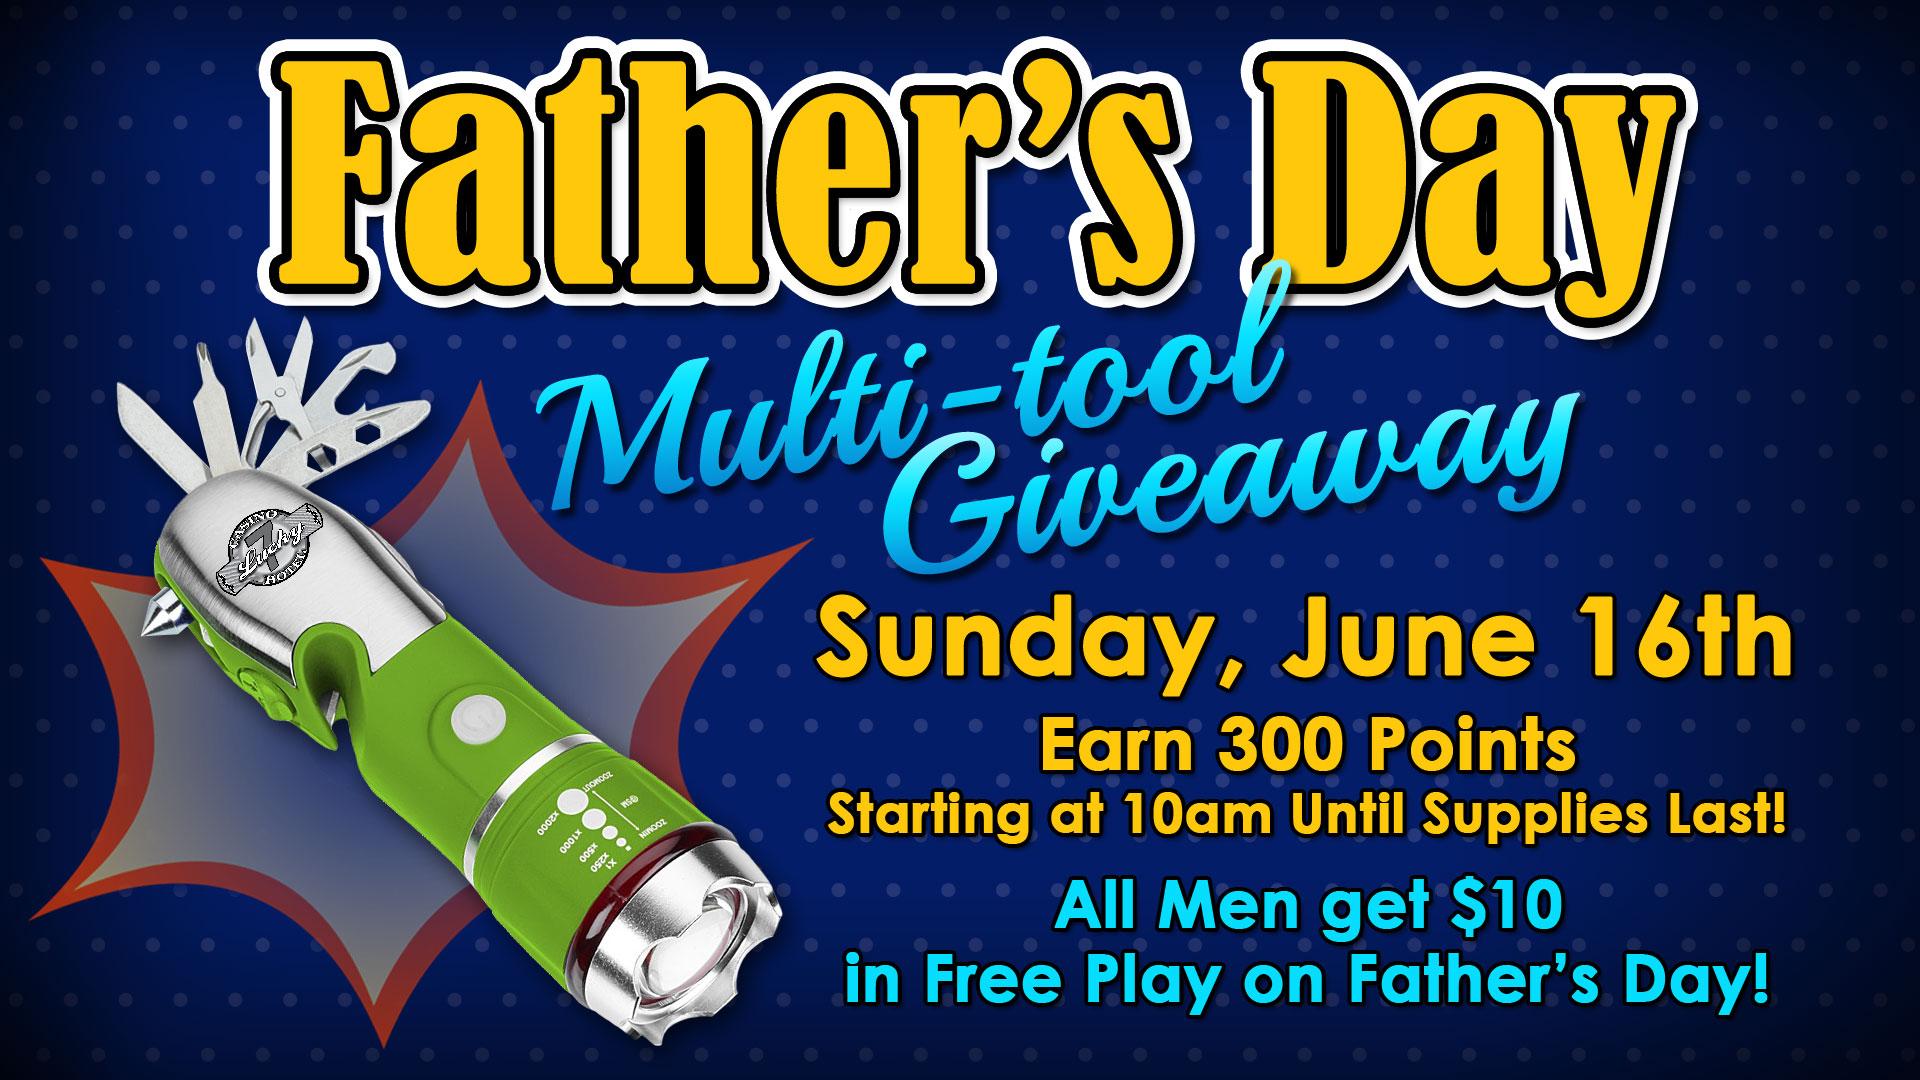 FathersDay-PromoPage